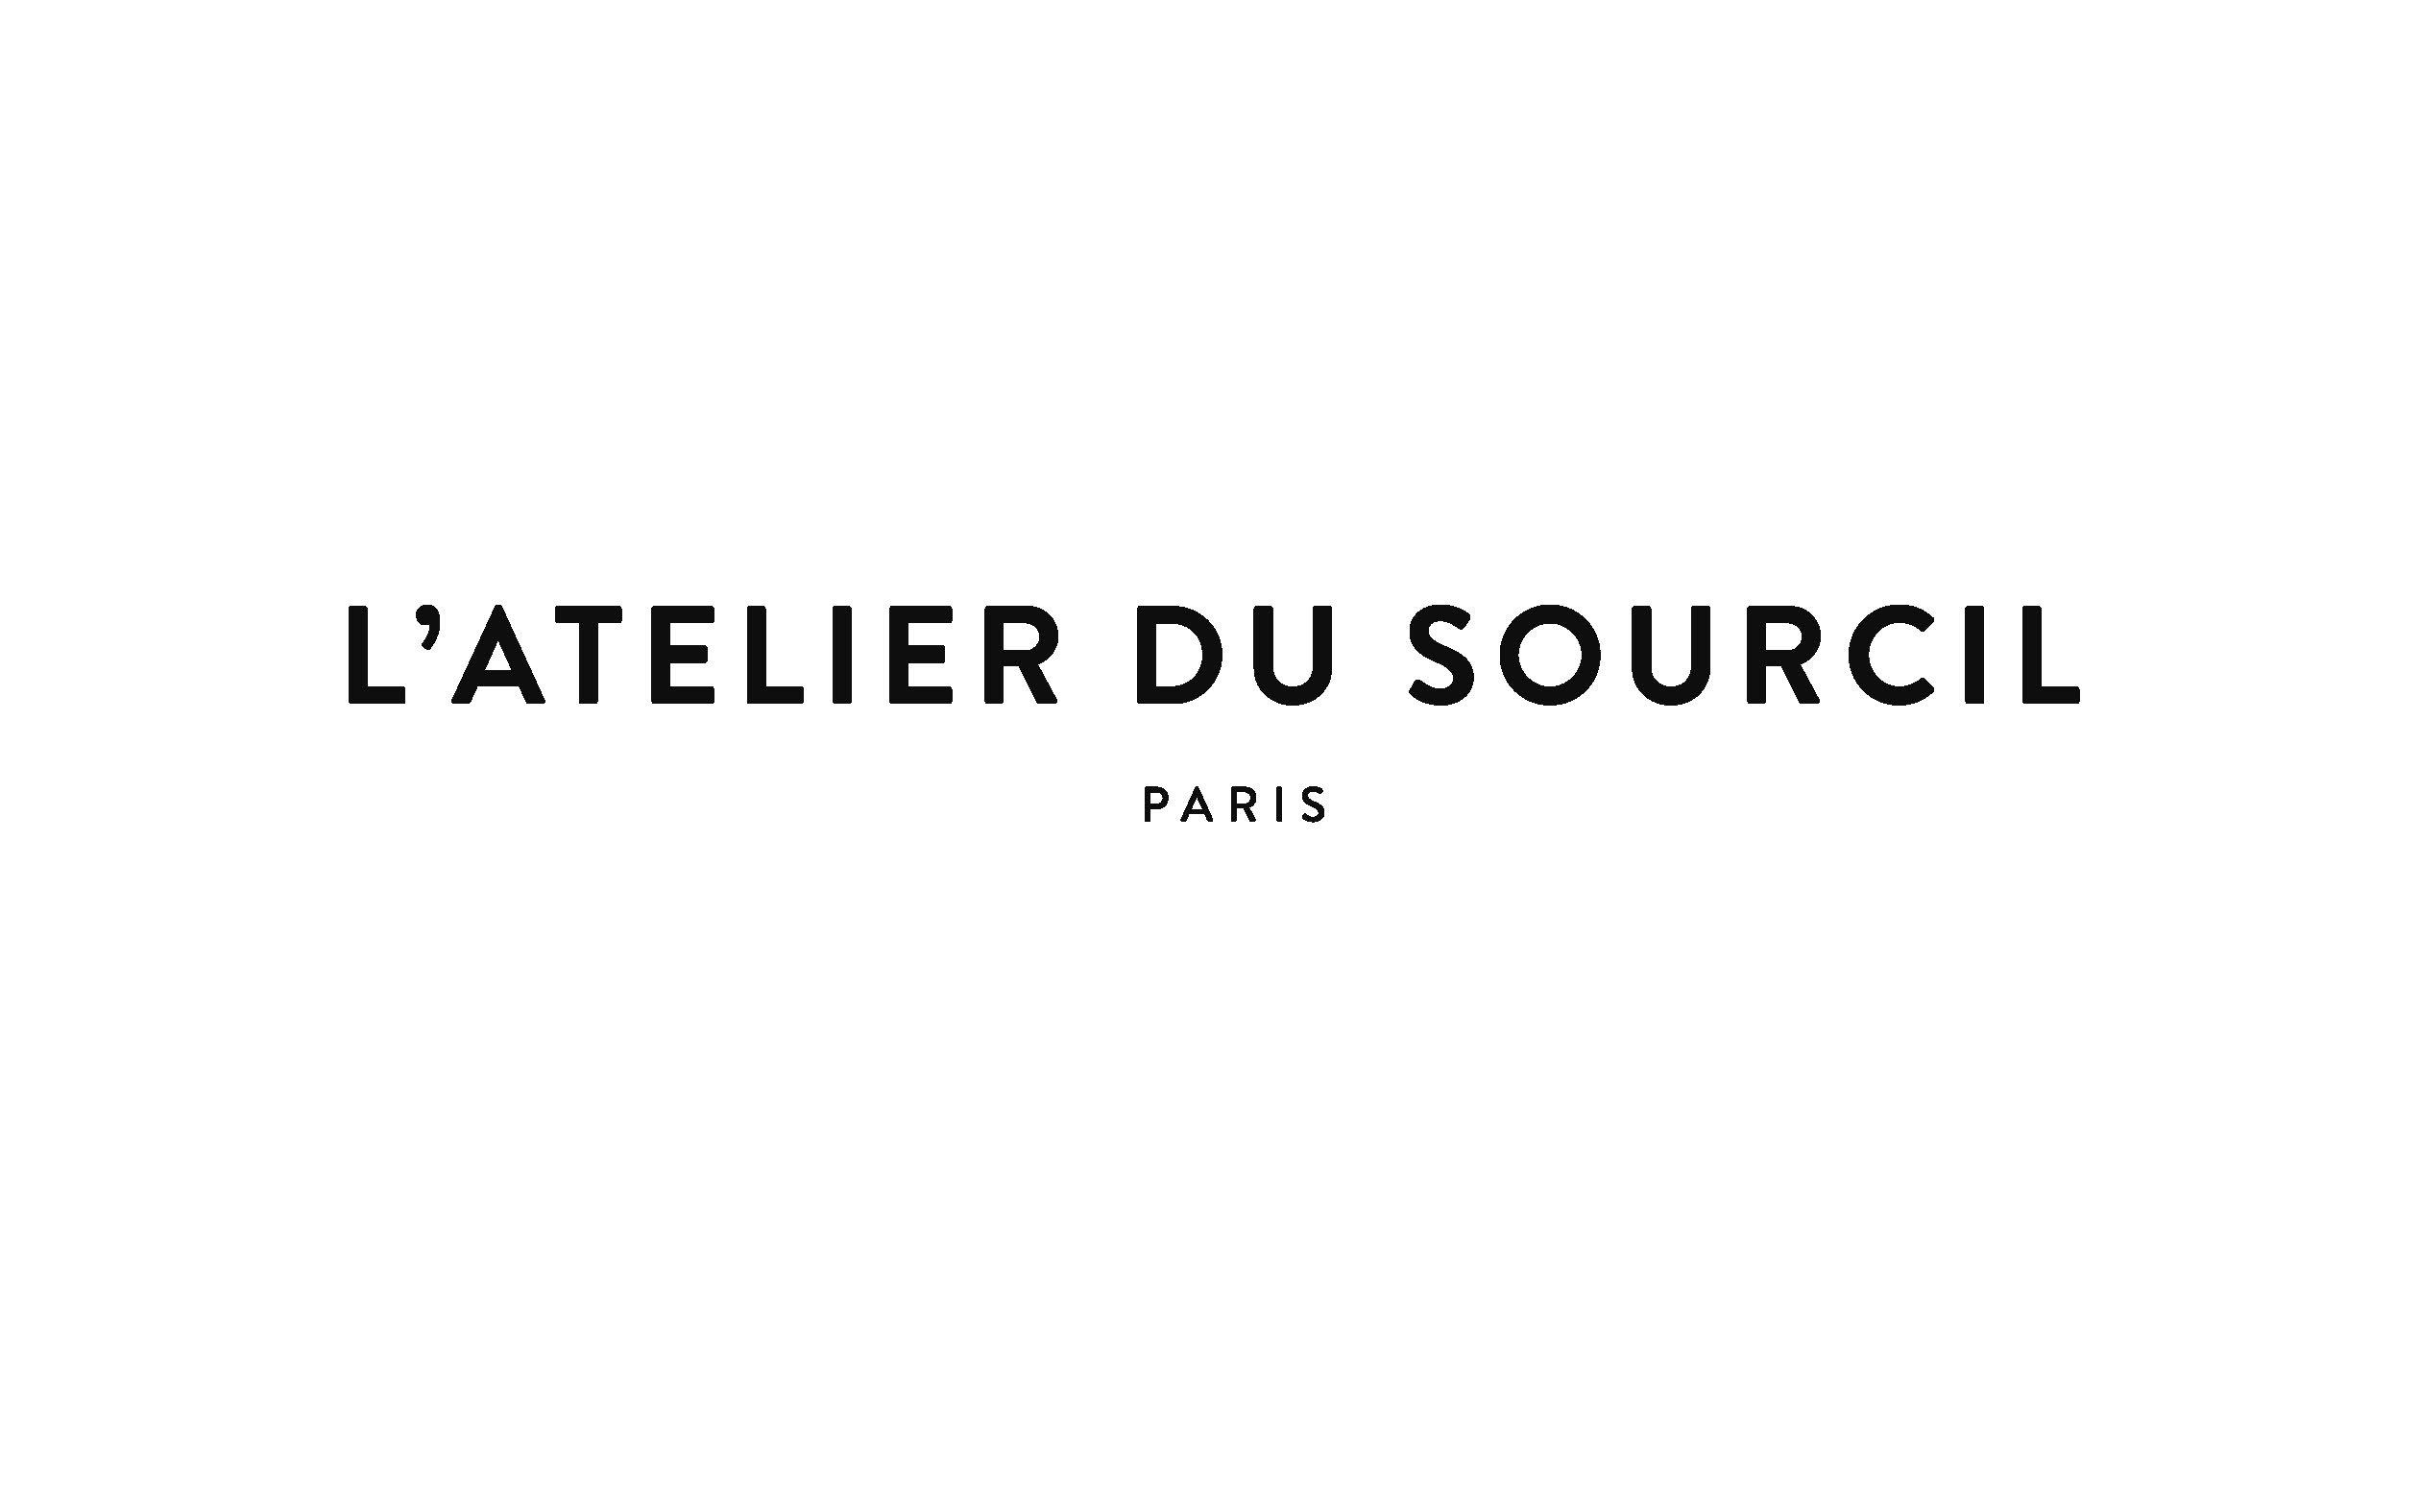 Latelier Du Sourcil Issy Les Moulineaux Instituts De